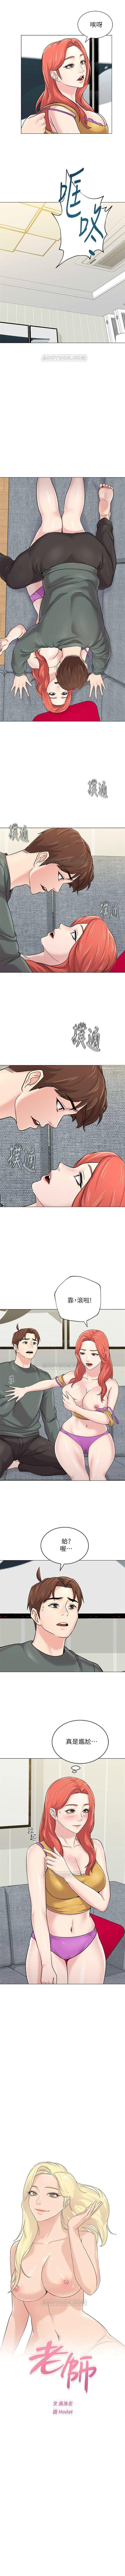 (周3)老师 1-56 中文翻译(更新中) 401